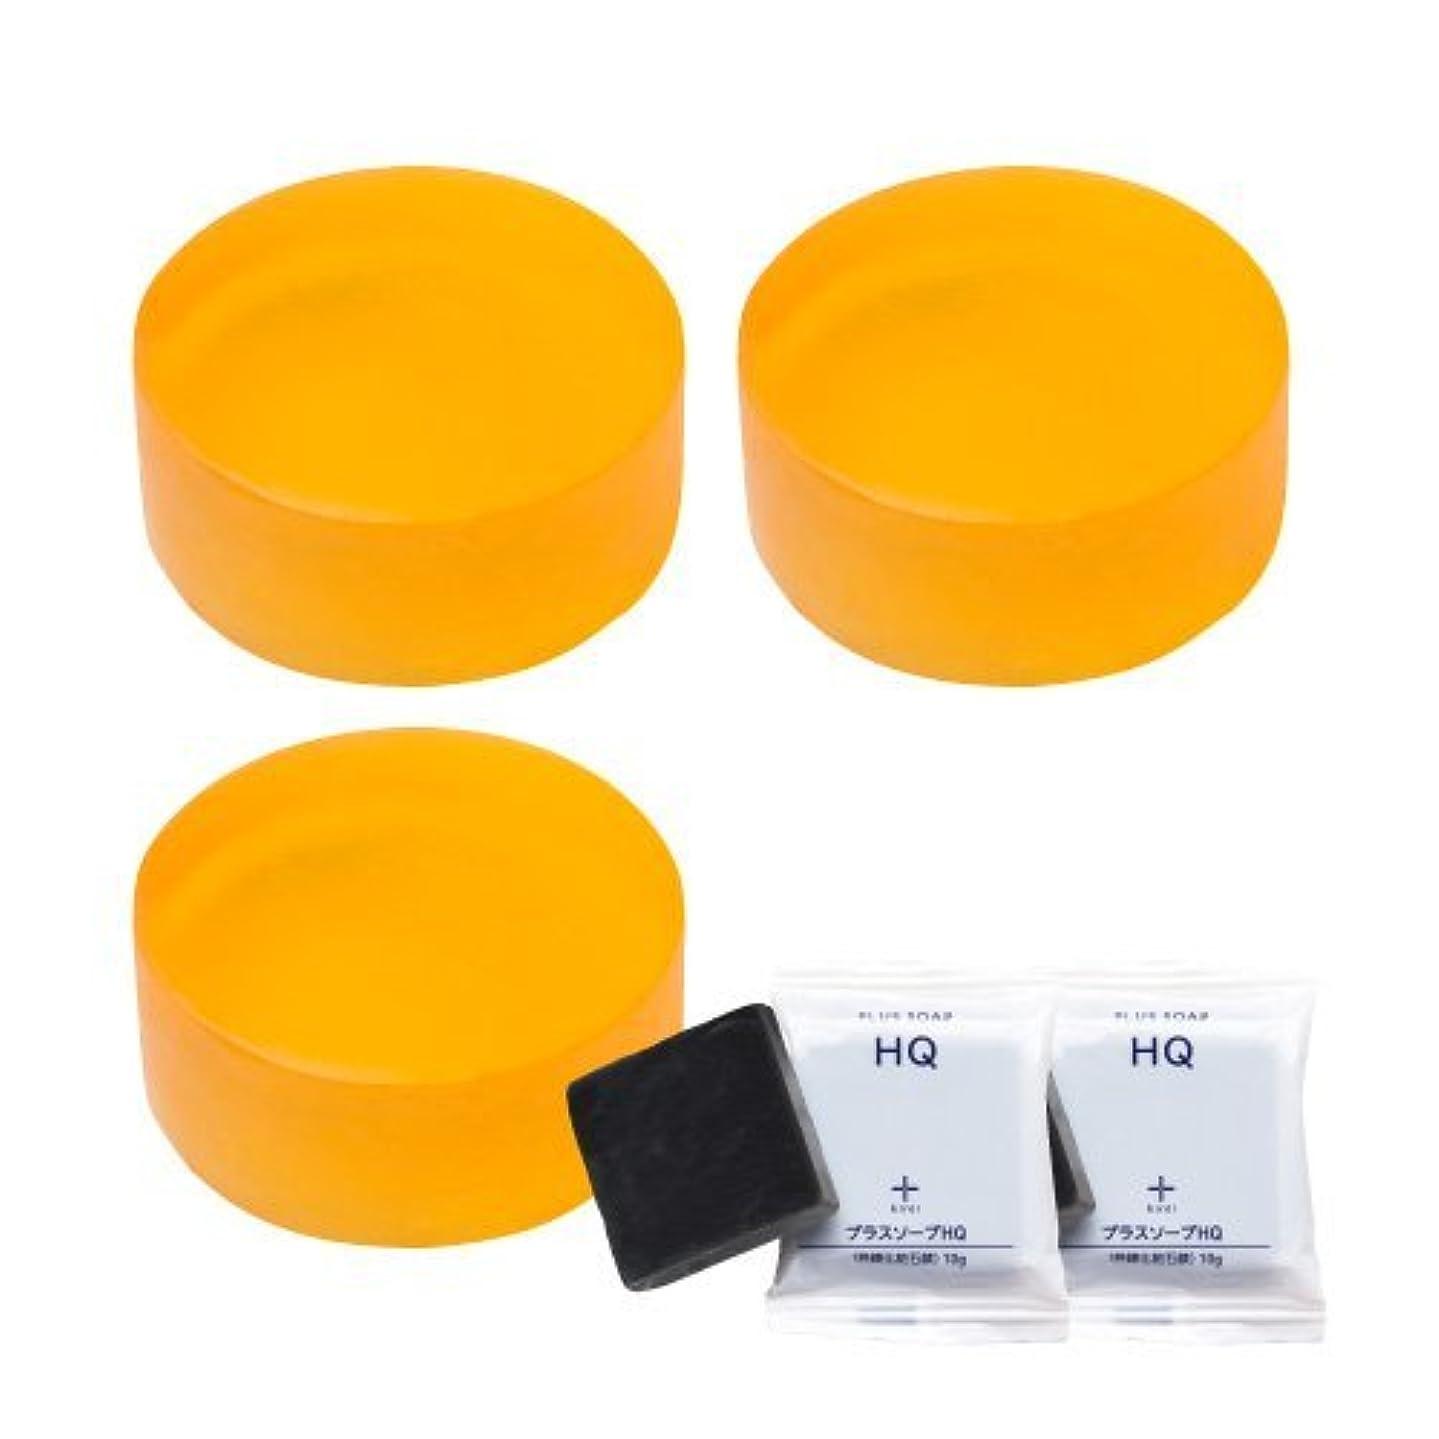 回転する有彩色の割合プラスリストア クレンジングソープ 「熟成」 (3個+ミニソープ2個セット)